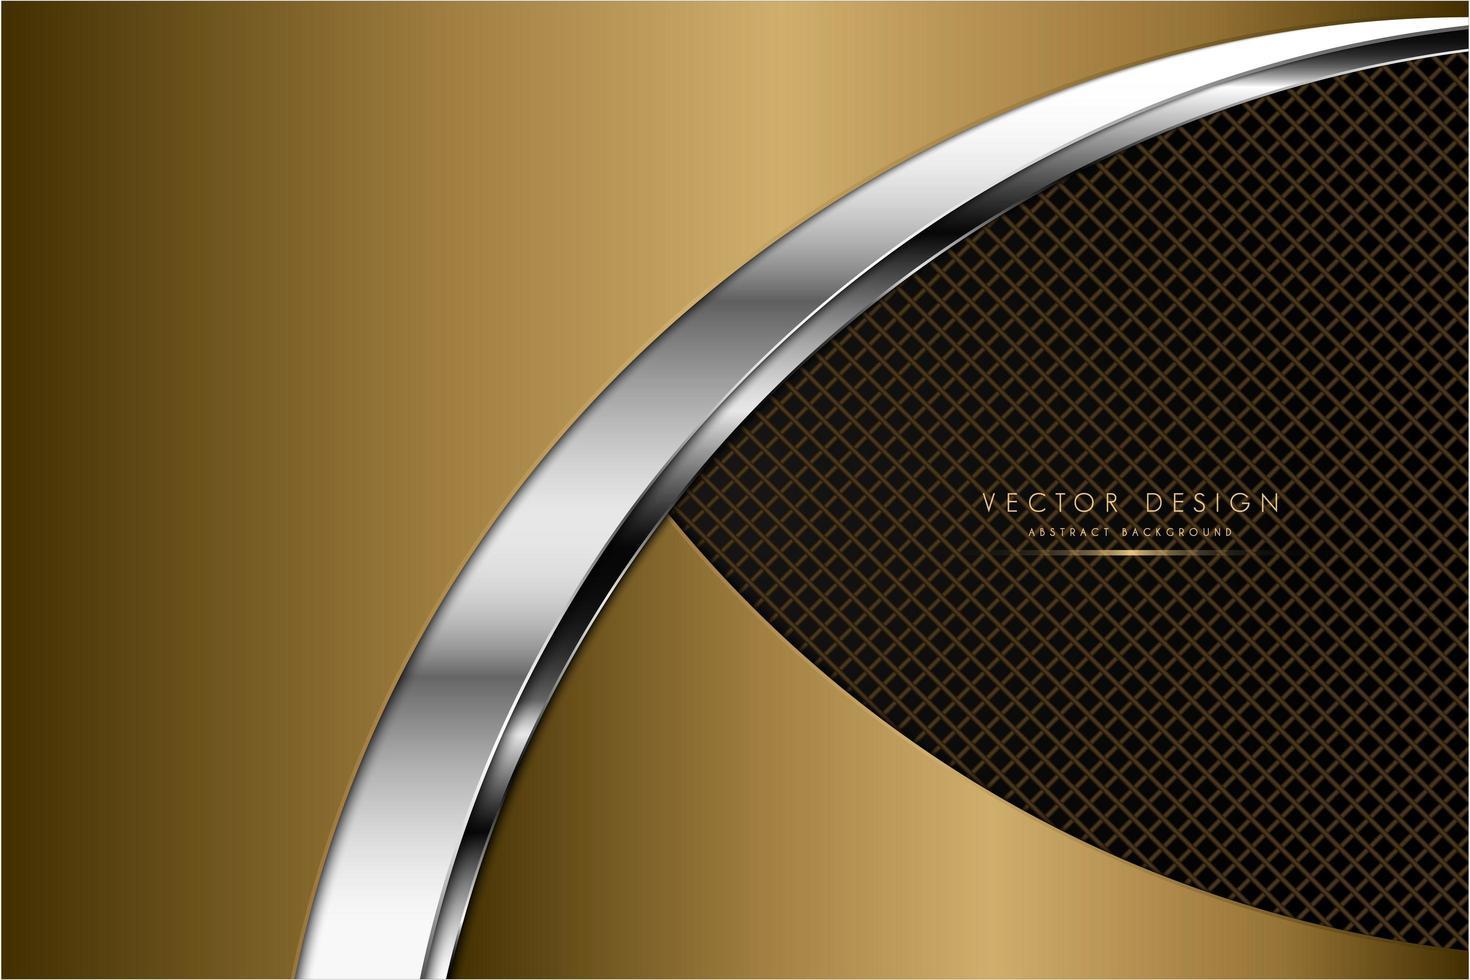 lastre metalliche dorate e argentate ricurve su struttura a griglia vettore